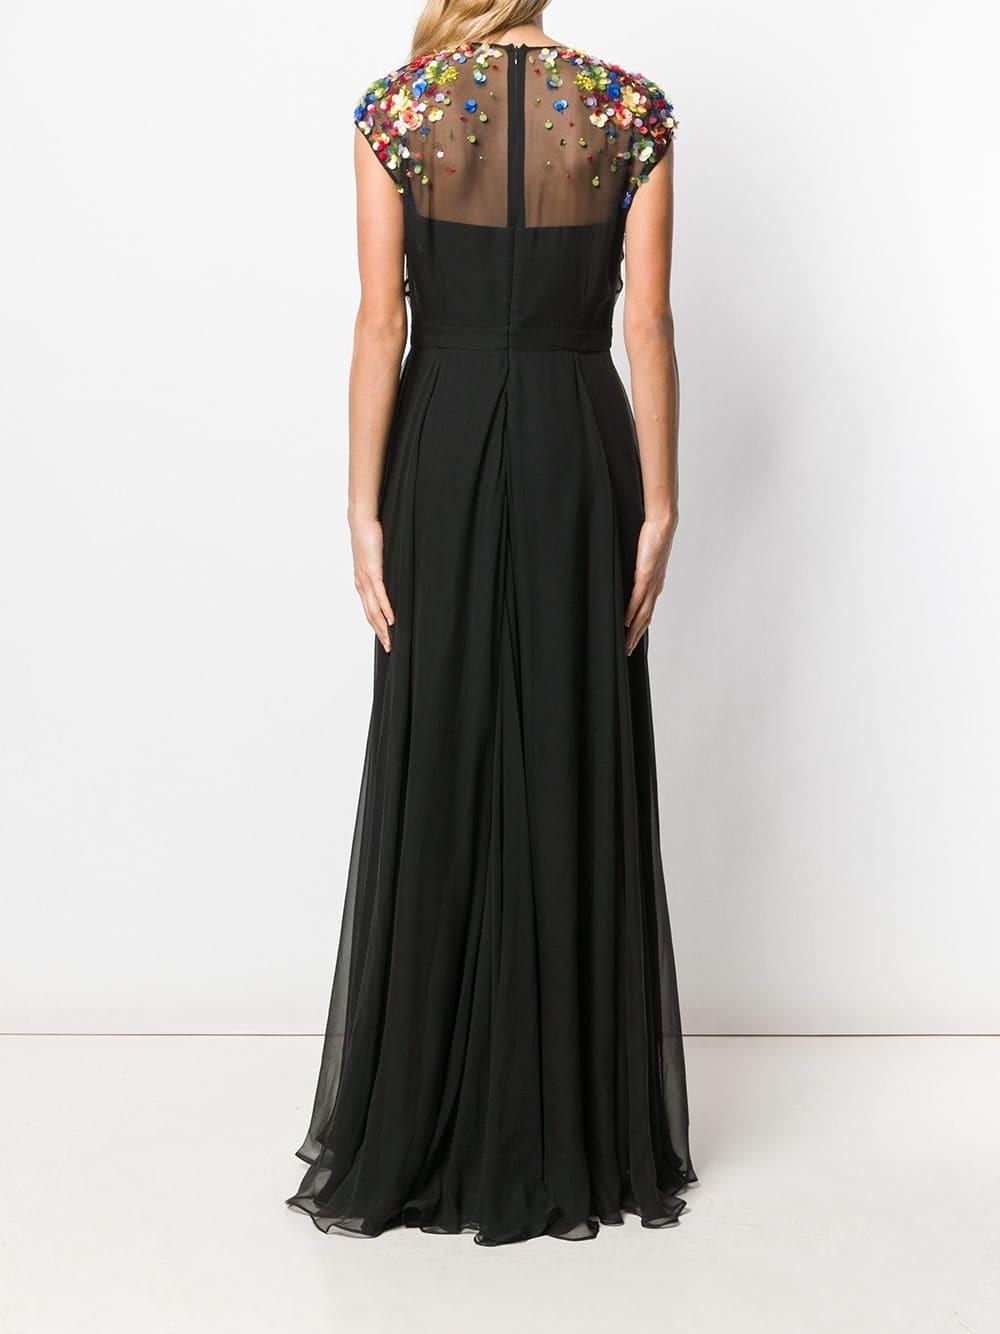 Abend Fantastisch Escada Abendkleider Vertrieb10 Genial Escada Abendkleider für 2019